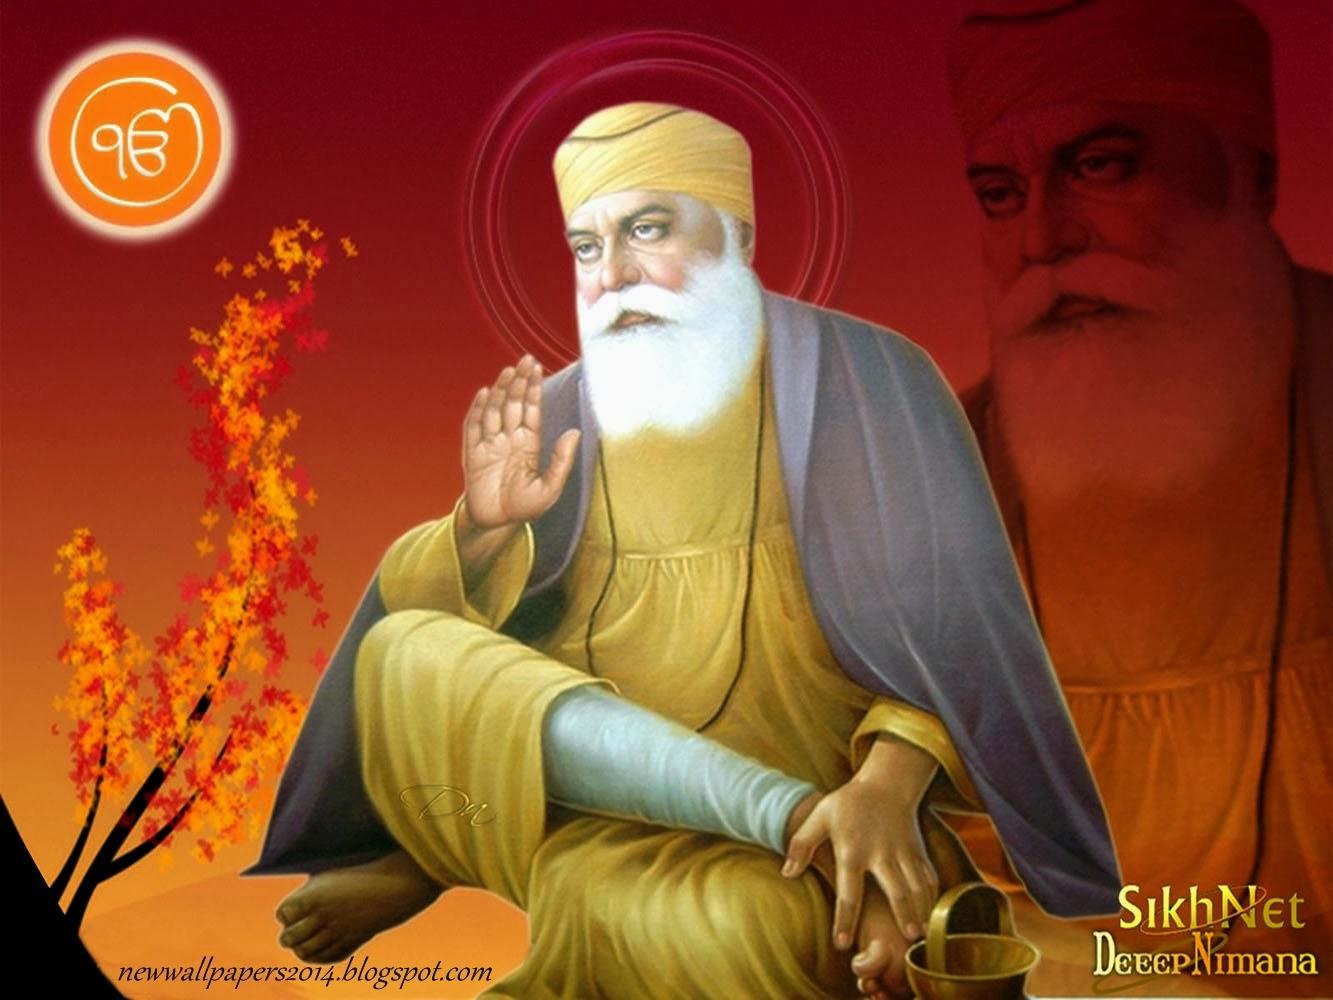 Guru nanak dev ji pictures guru nanak dev ji hd wallpapers hd wallpapers 2014 - Guru nanak dev ji pics hd ...